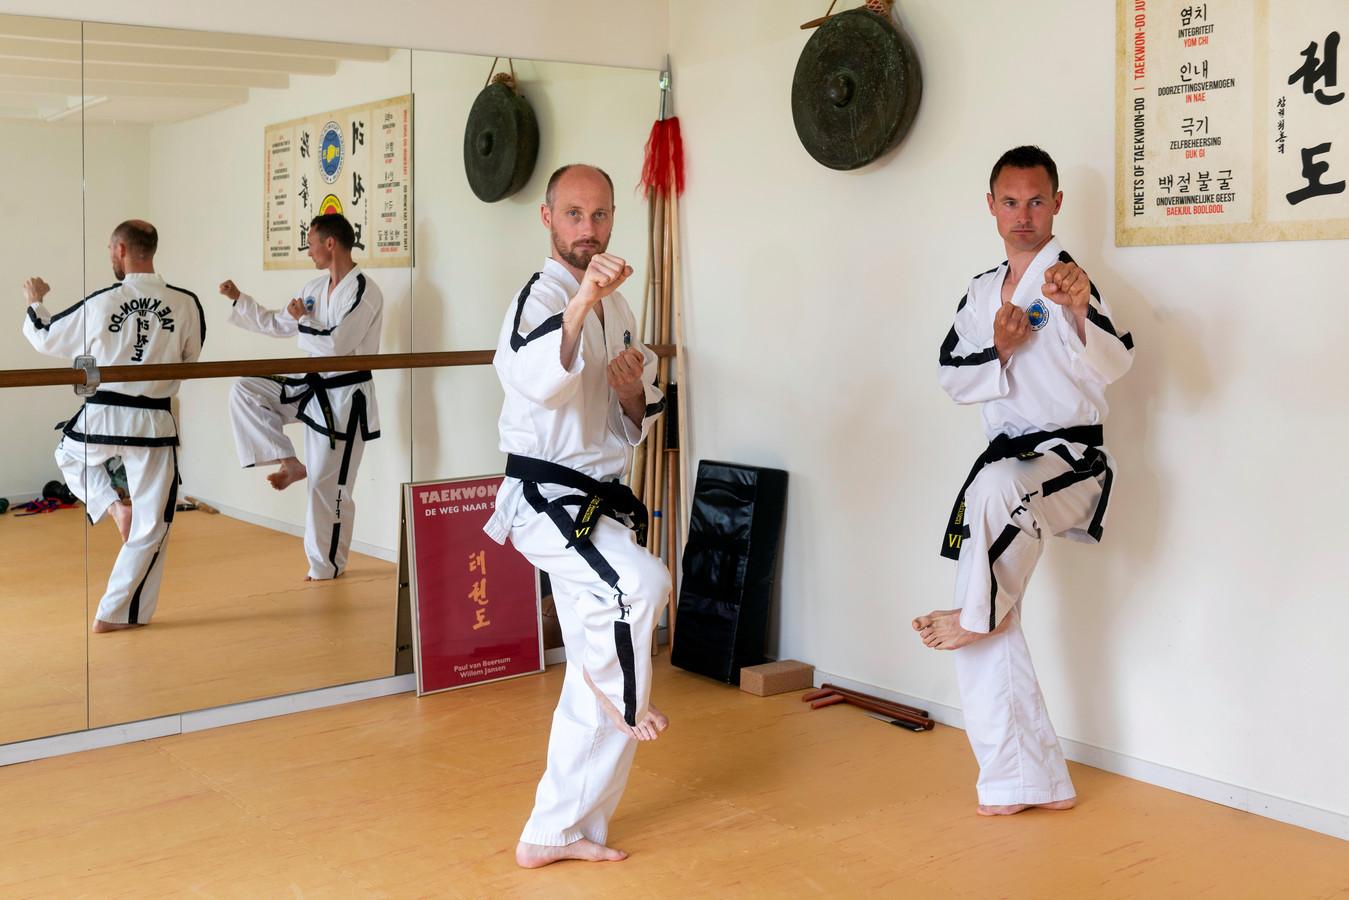 Paul van Beersum (links) en Willem Jansen hebben een 'nieuw' boek uitgebracht over taekwondo.